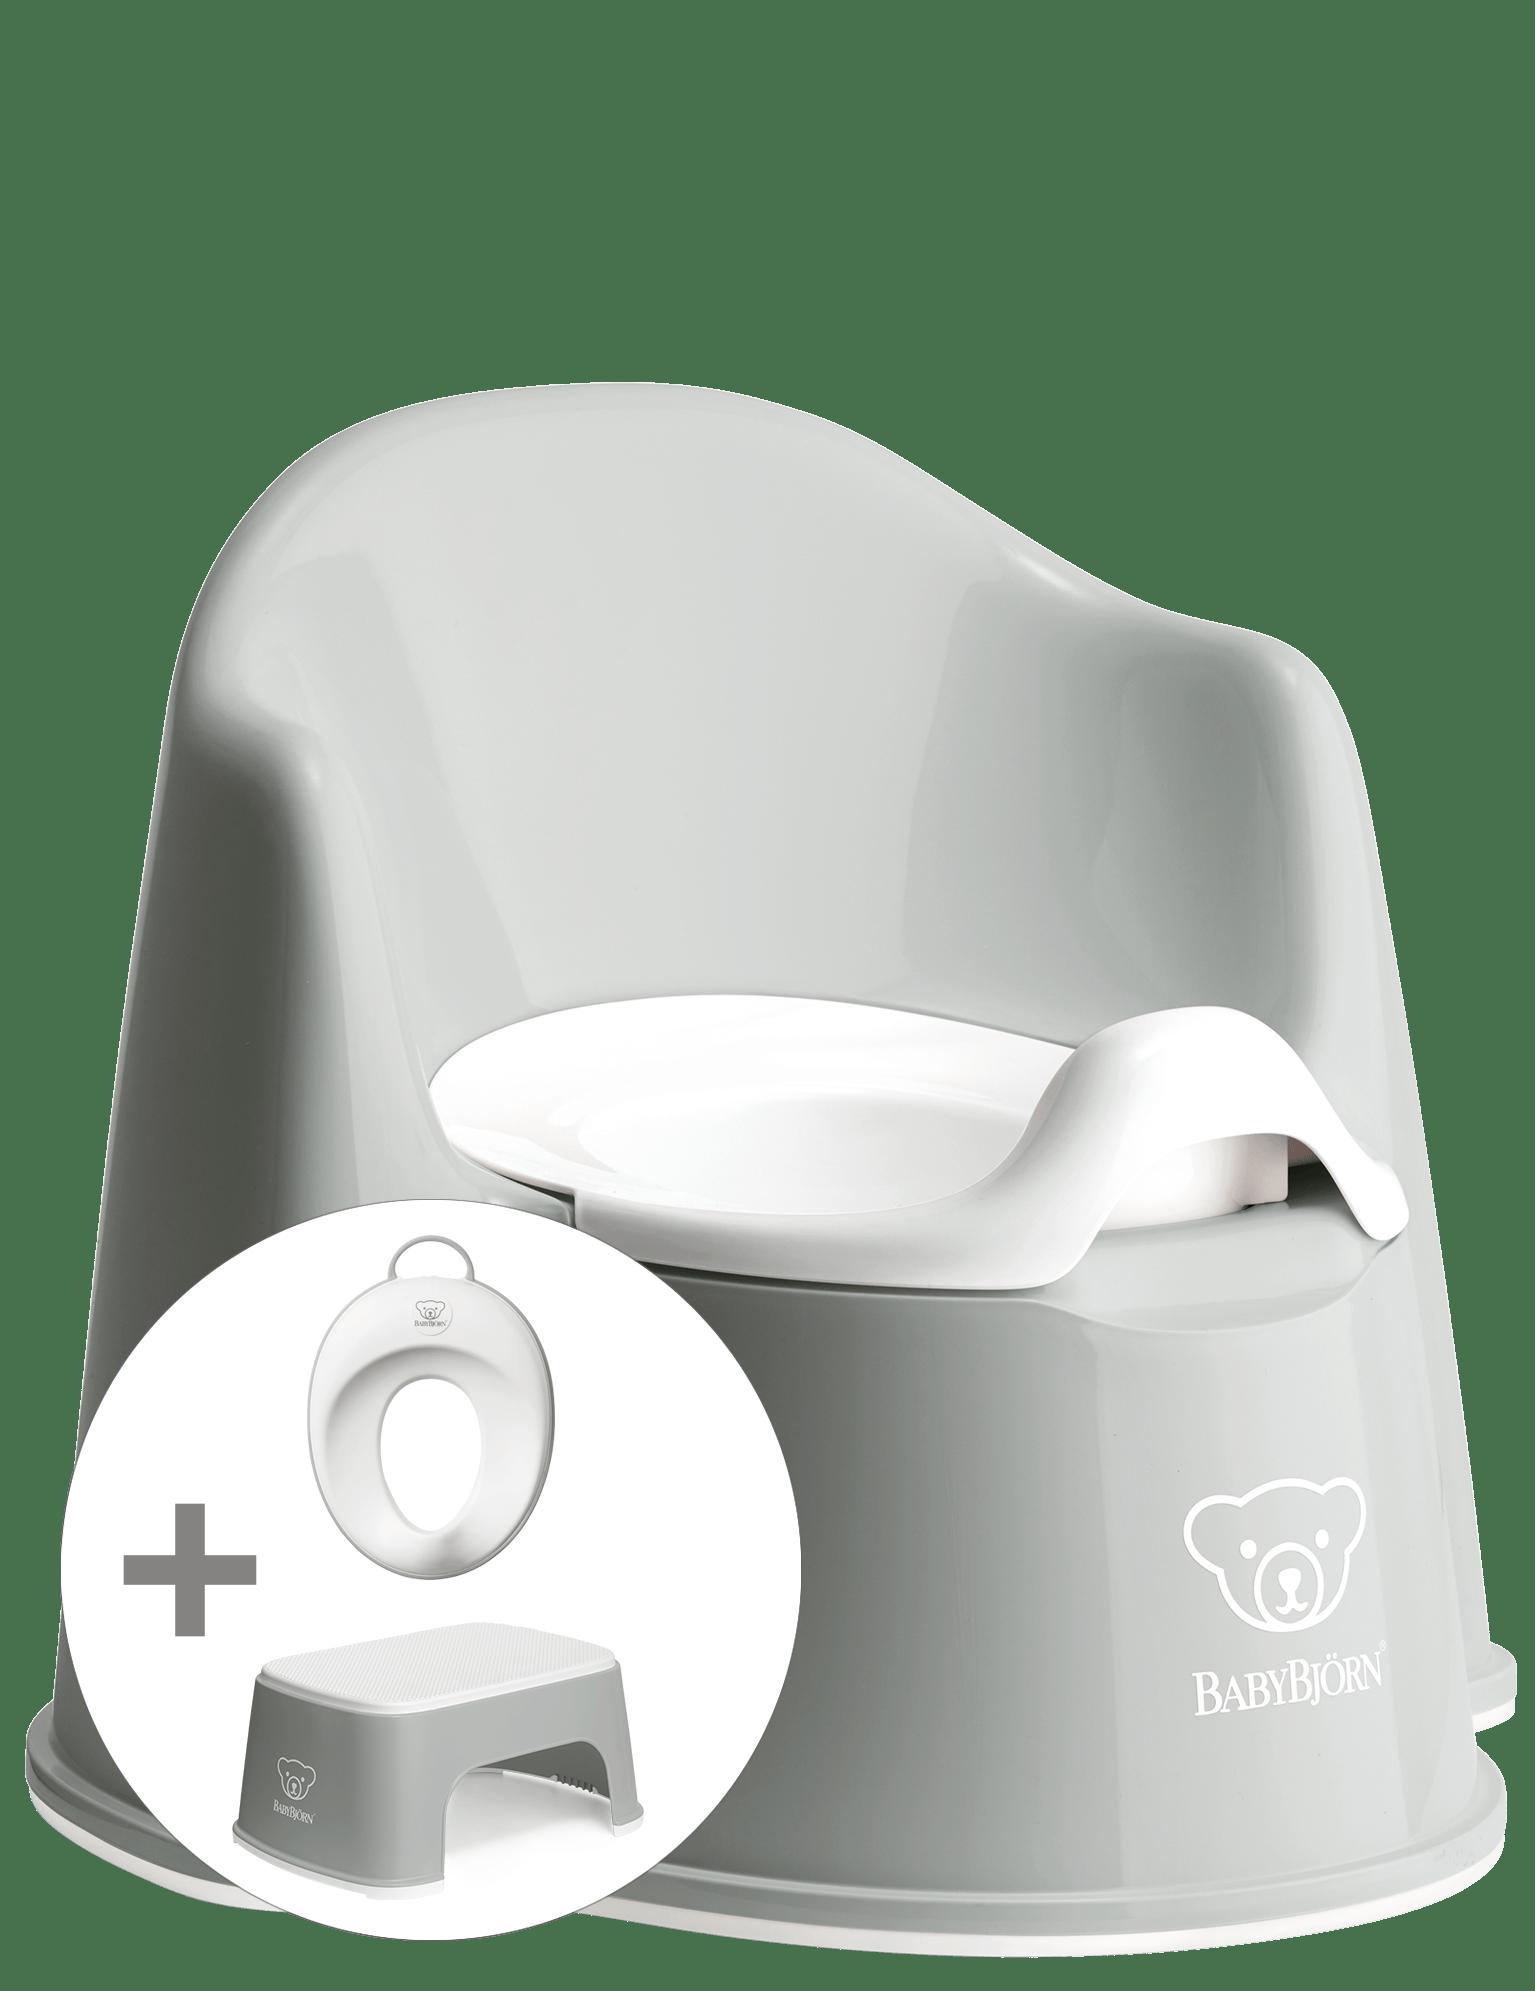 BABYBJÖRN Töpfchentraining Startpaket - Grau/weiß